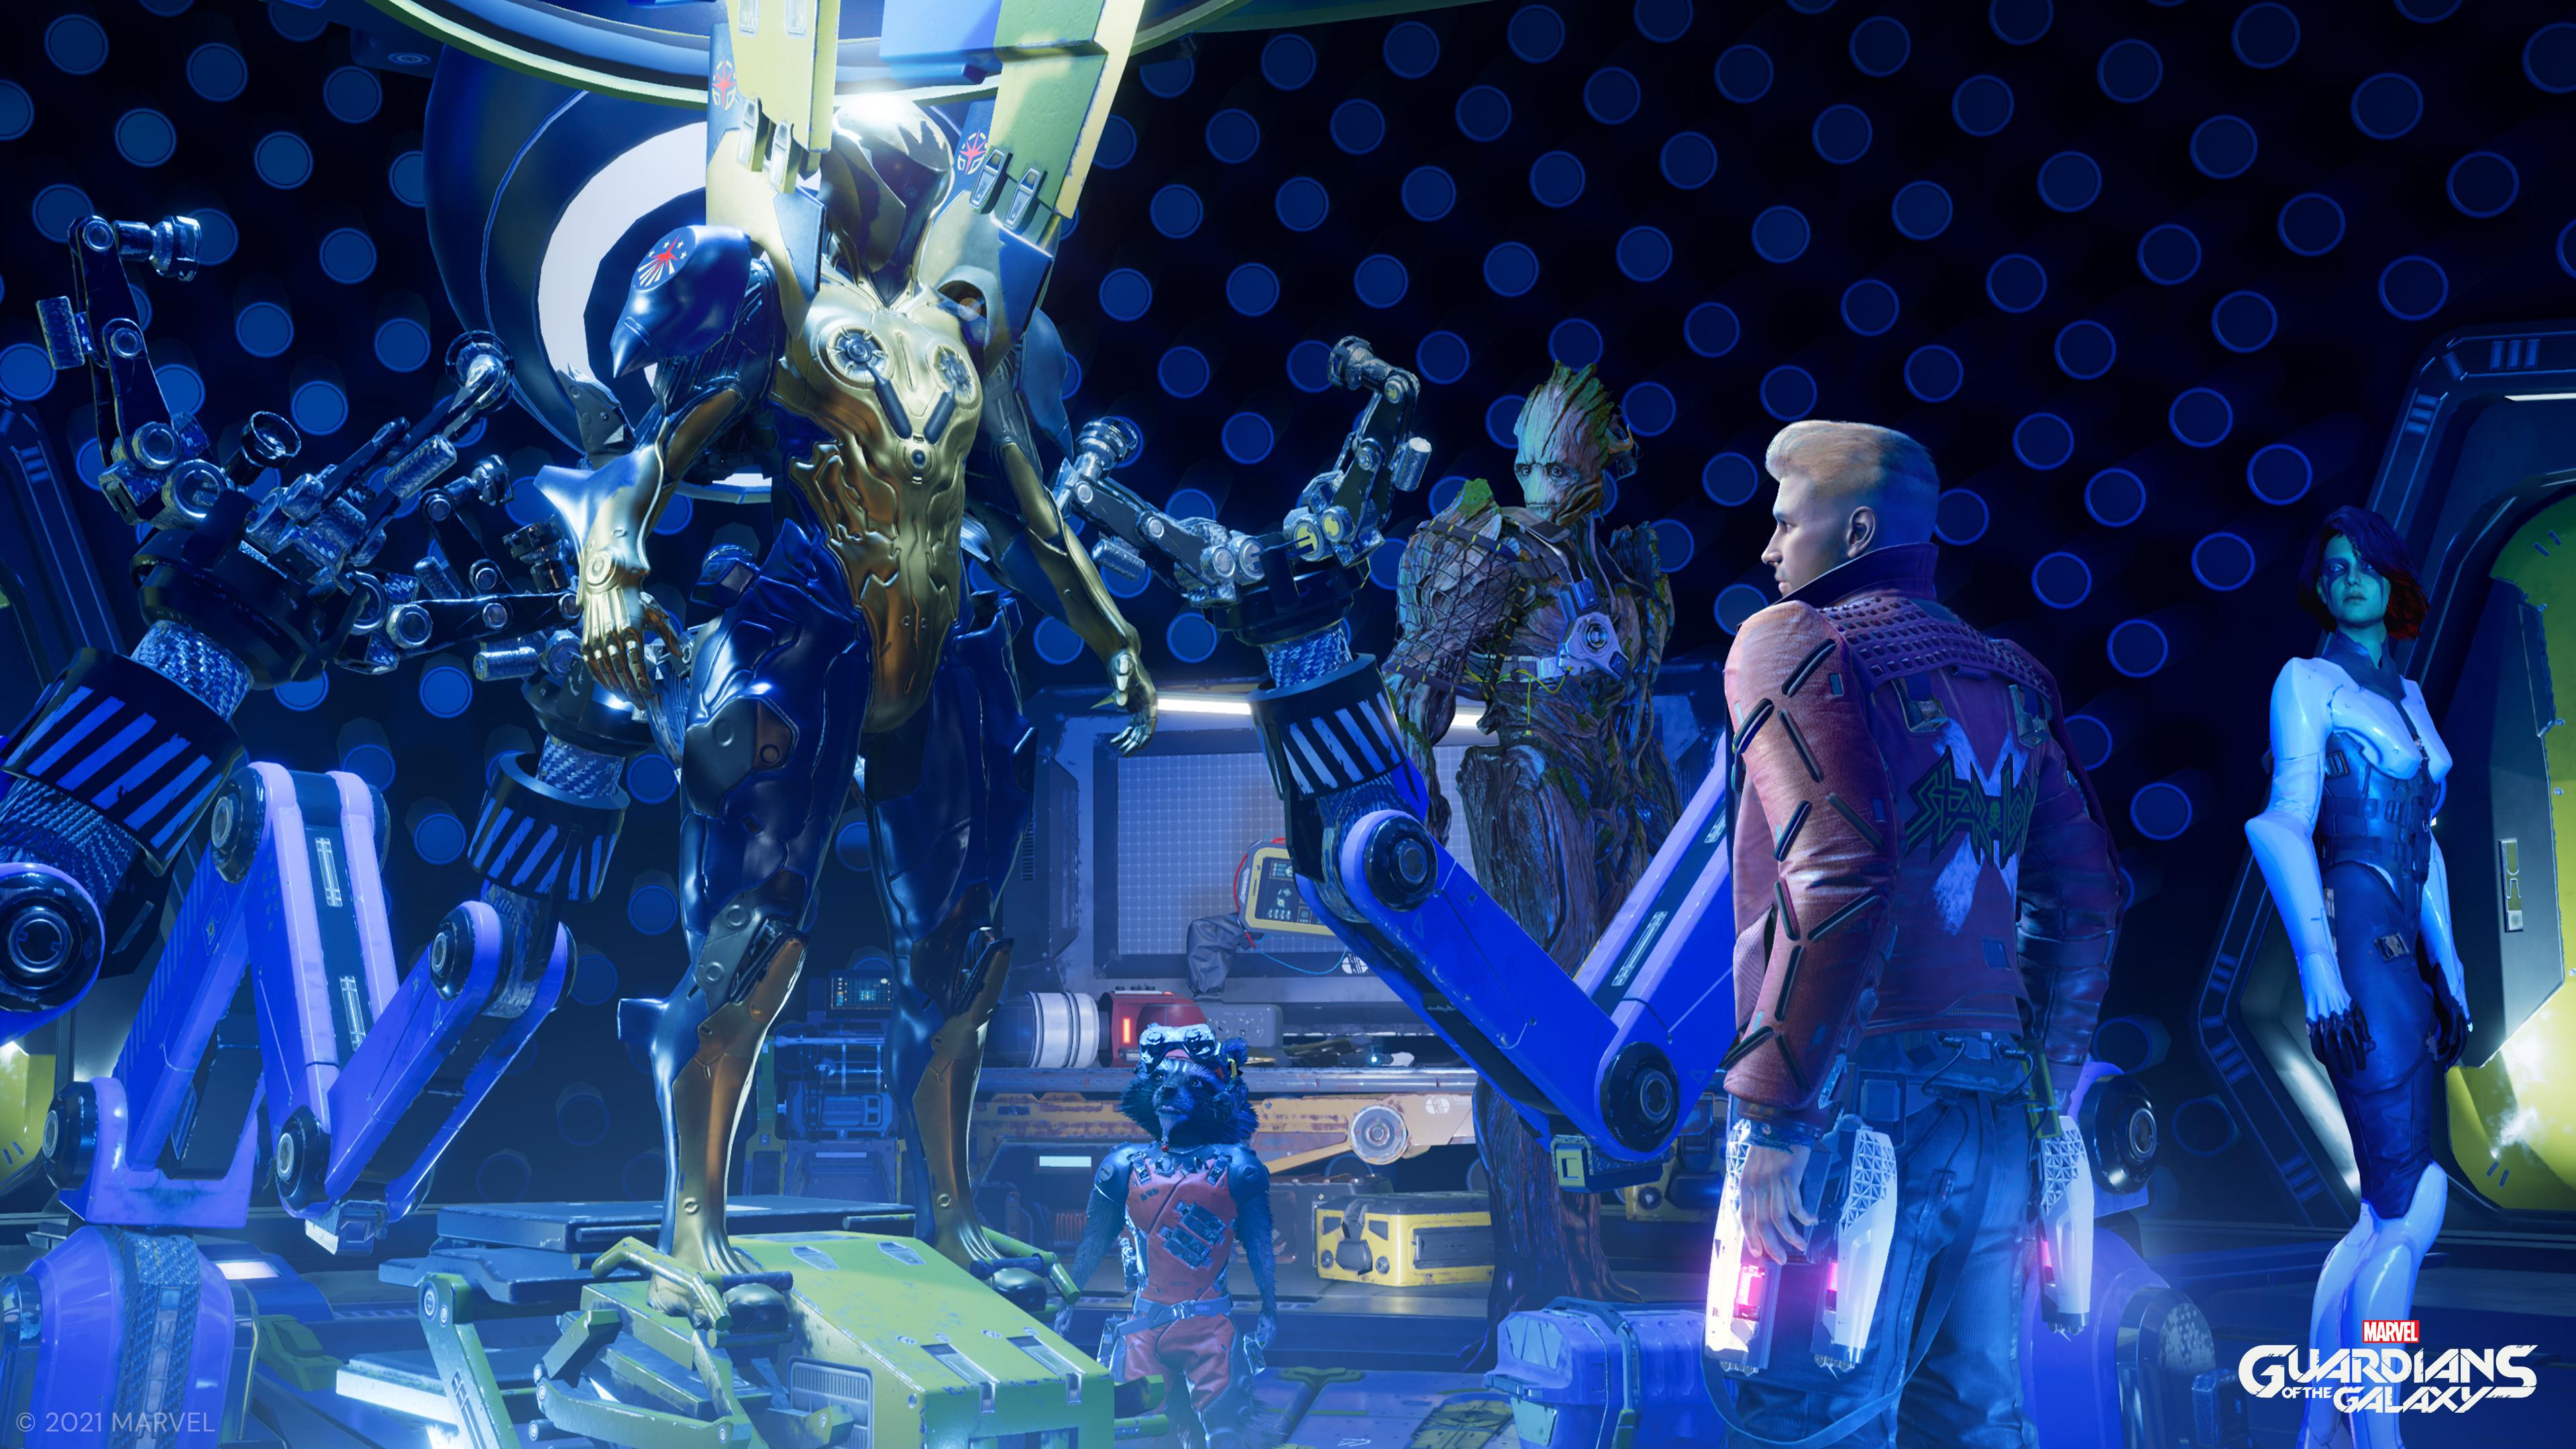 Les Gardiens de la Galaxie découvrent une armure.